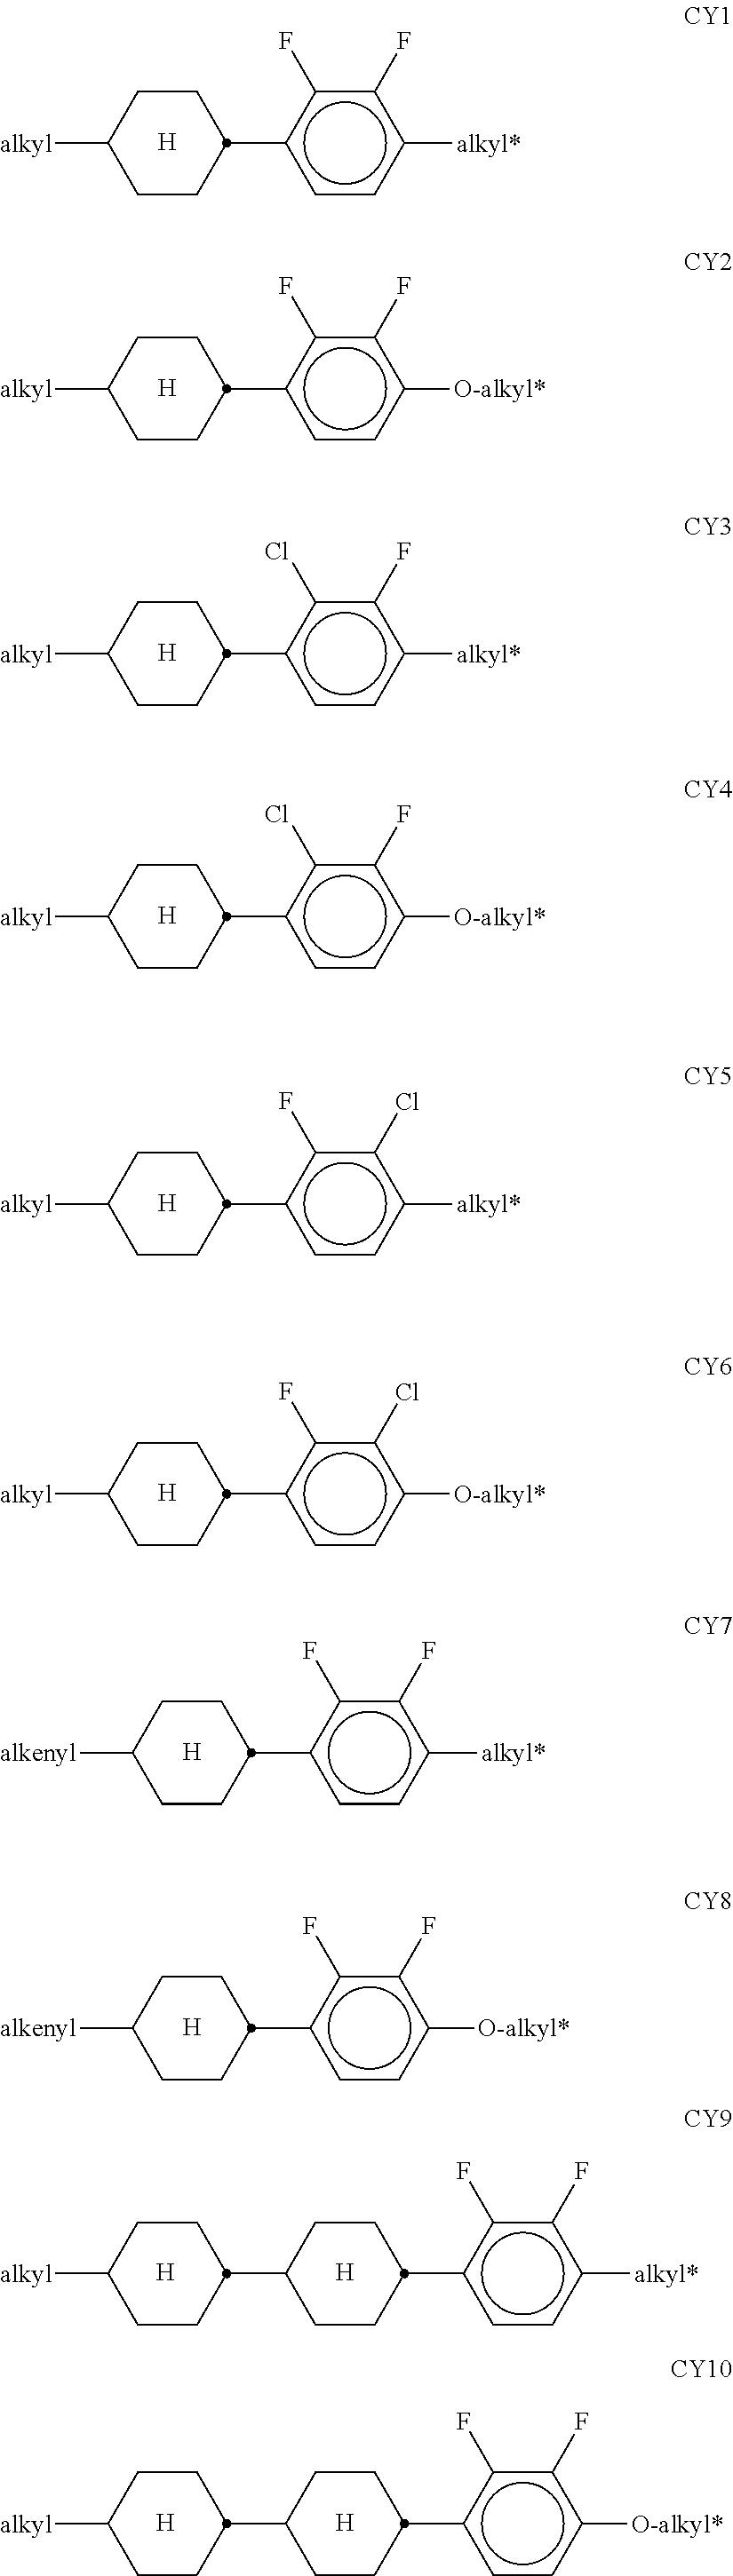 Figure US09212311-20151215-C00022